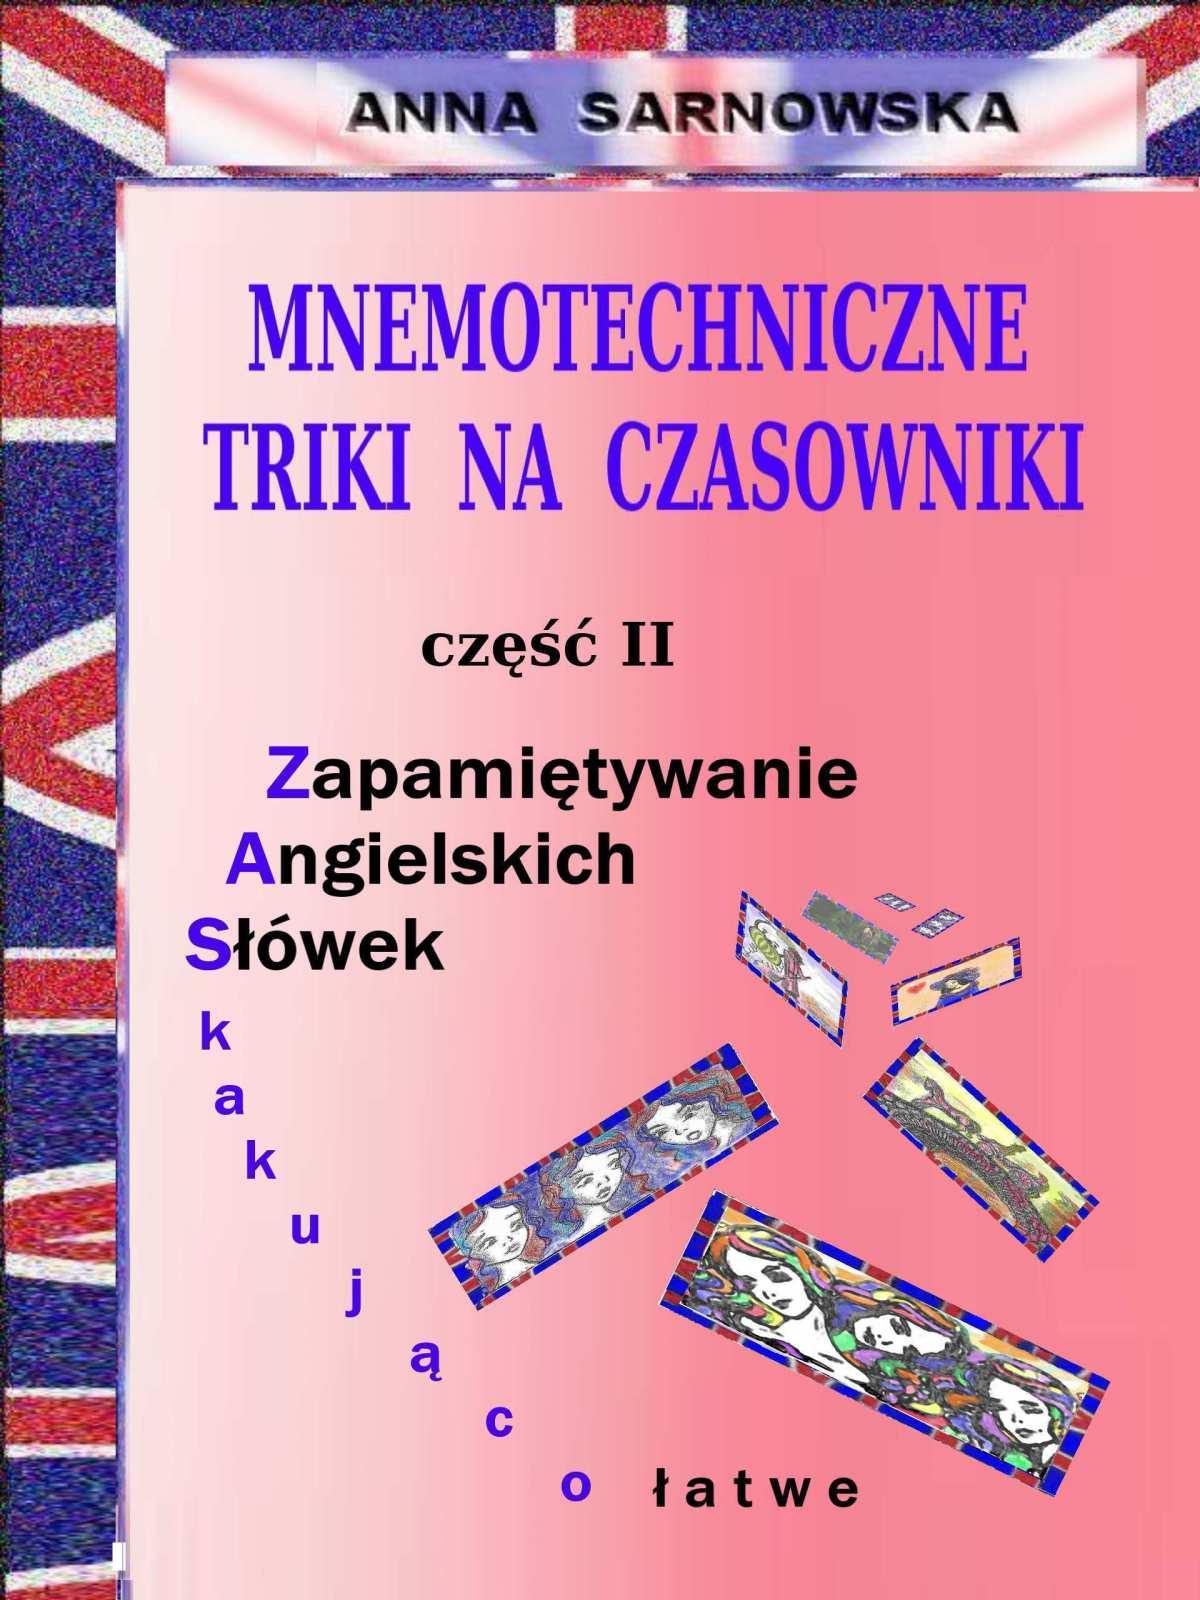 Mnemotechniczne triki na czasowniki - Ebook (Książka PDF) do pobrania w formacie PDF